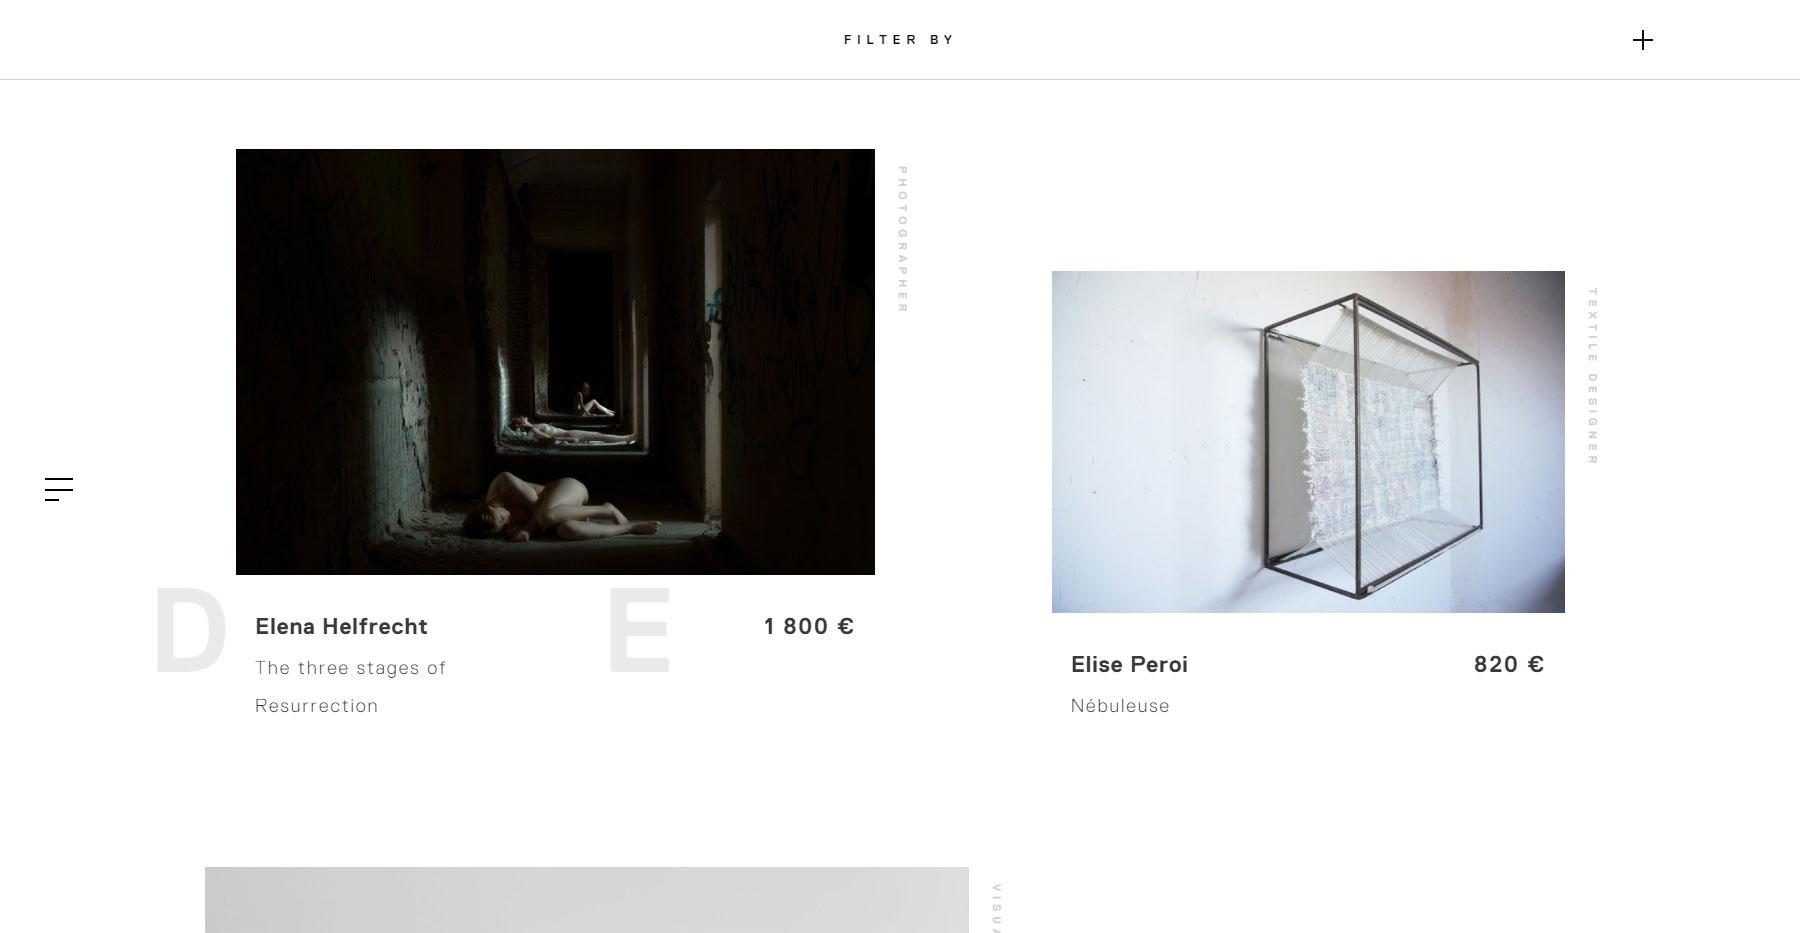 La peau de l'ours - Website of the Day